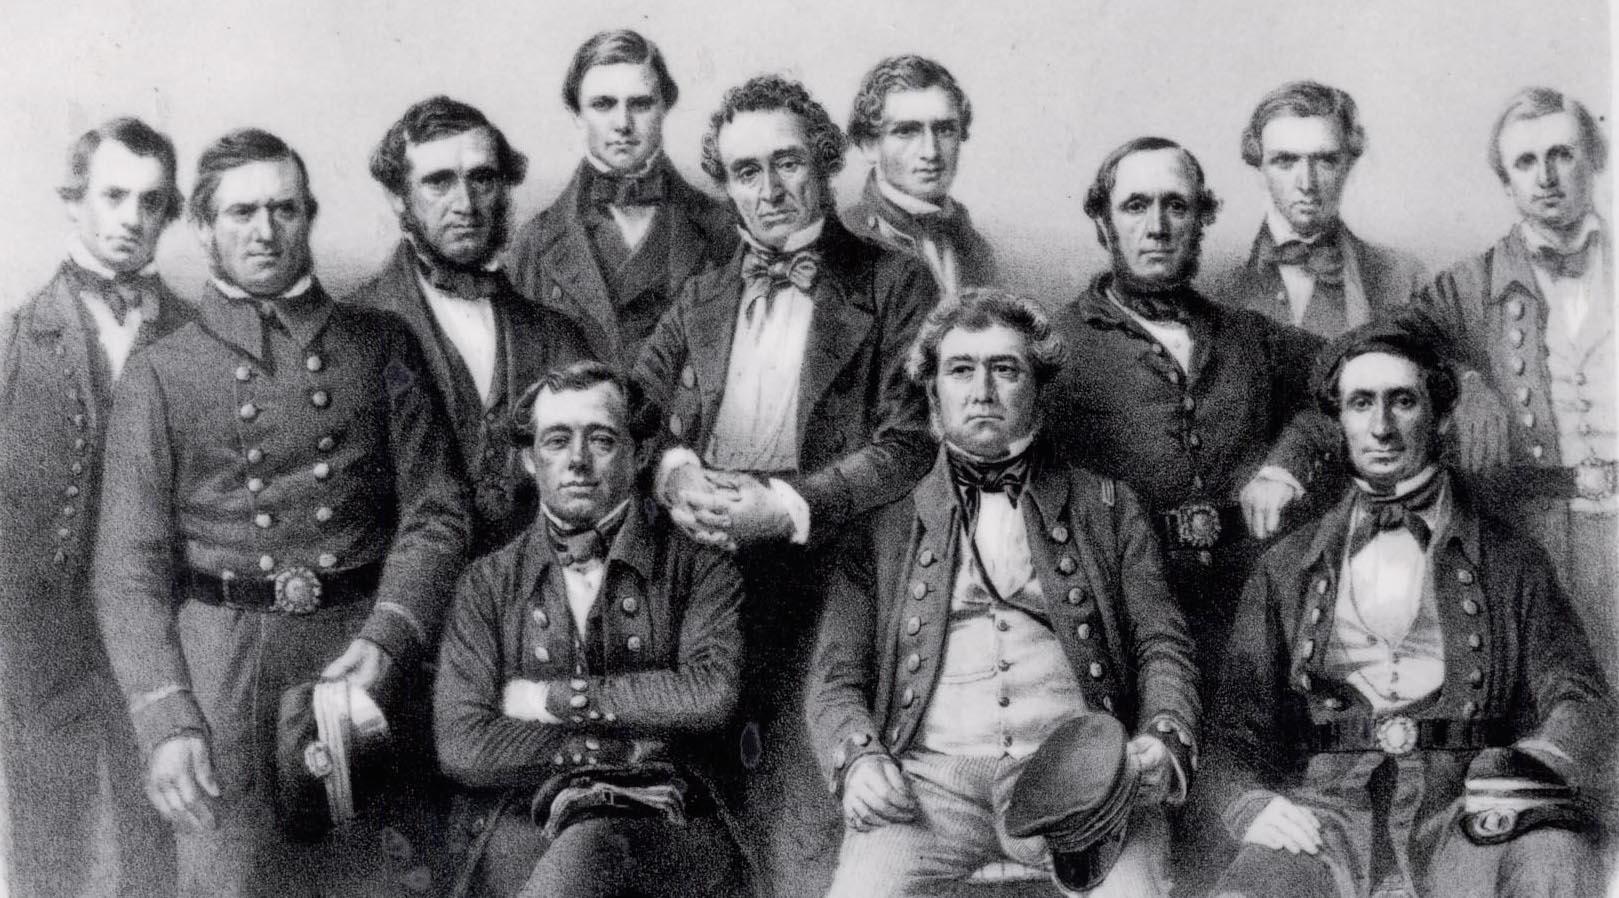 32 Captain Mathews and his crew copy